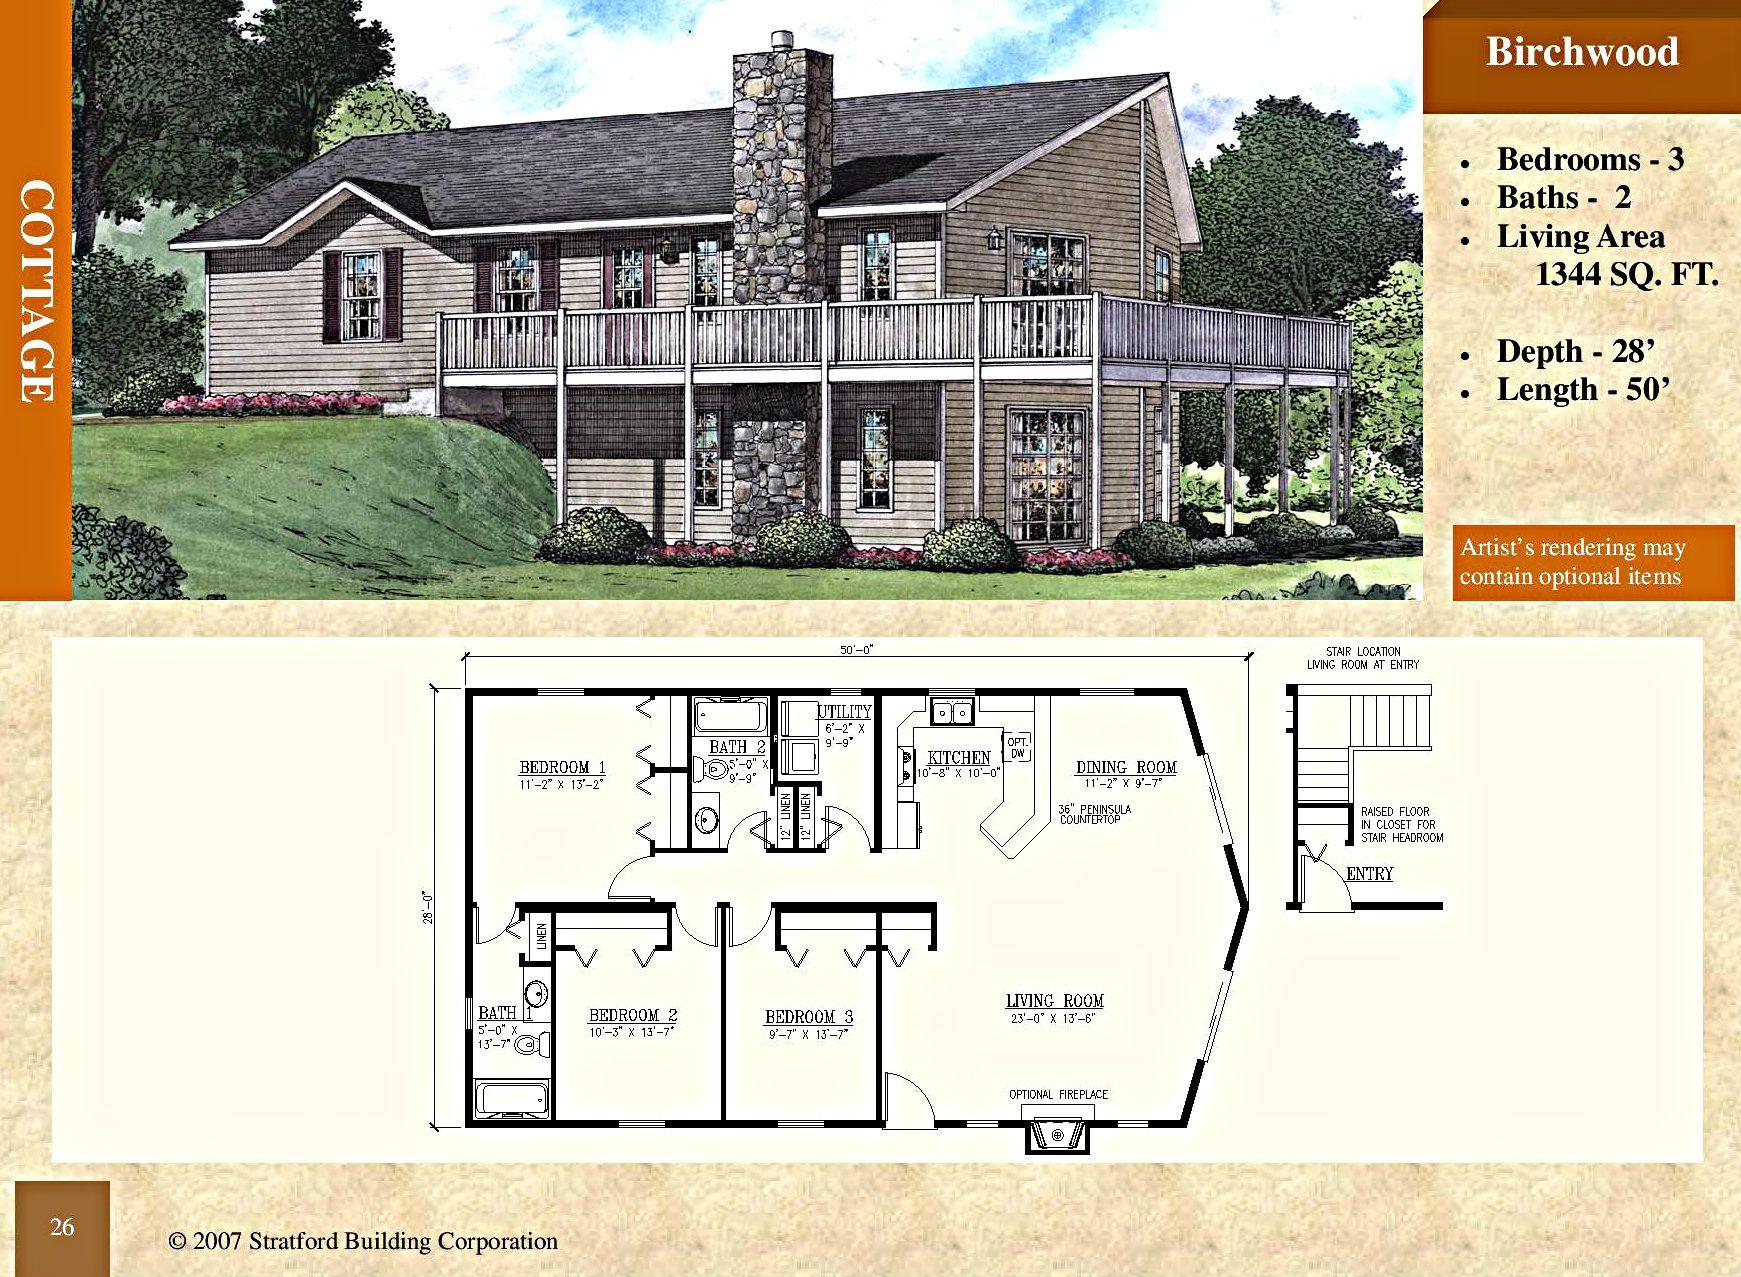 Modular Cottage Floor Plan 1344 Sq Ft Birchwood Upper Level Basement Optional Stratford Home Center Stratford Homes Cottage Floor Plans Cottage Bath